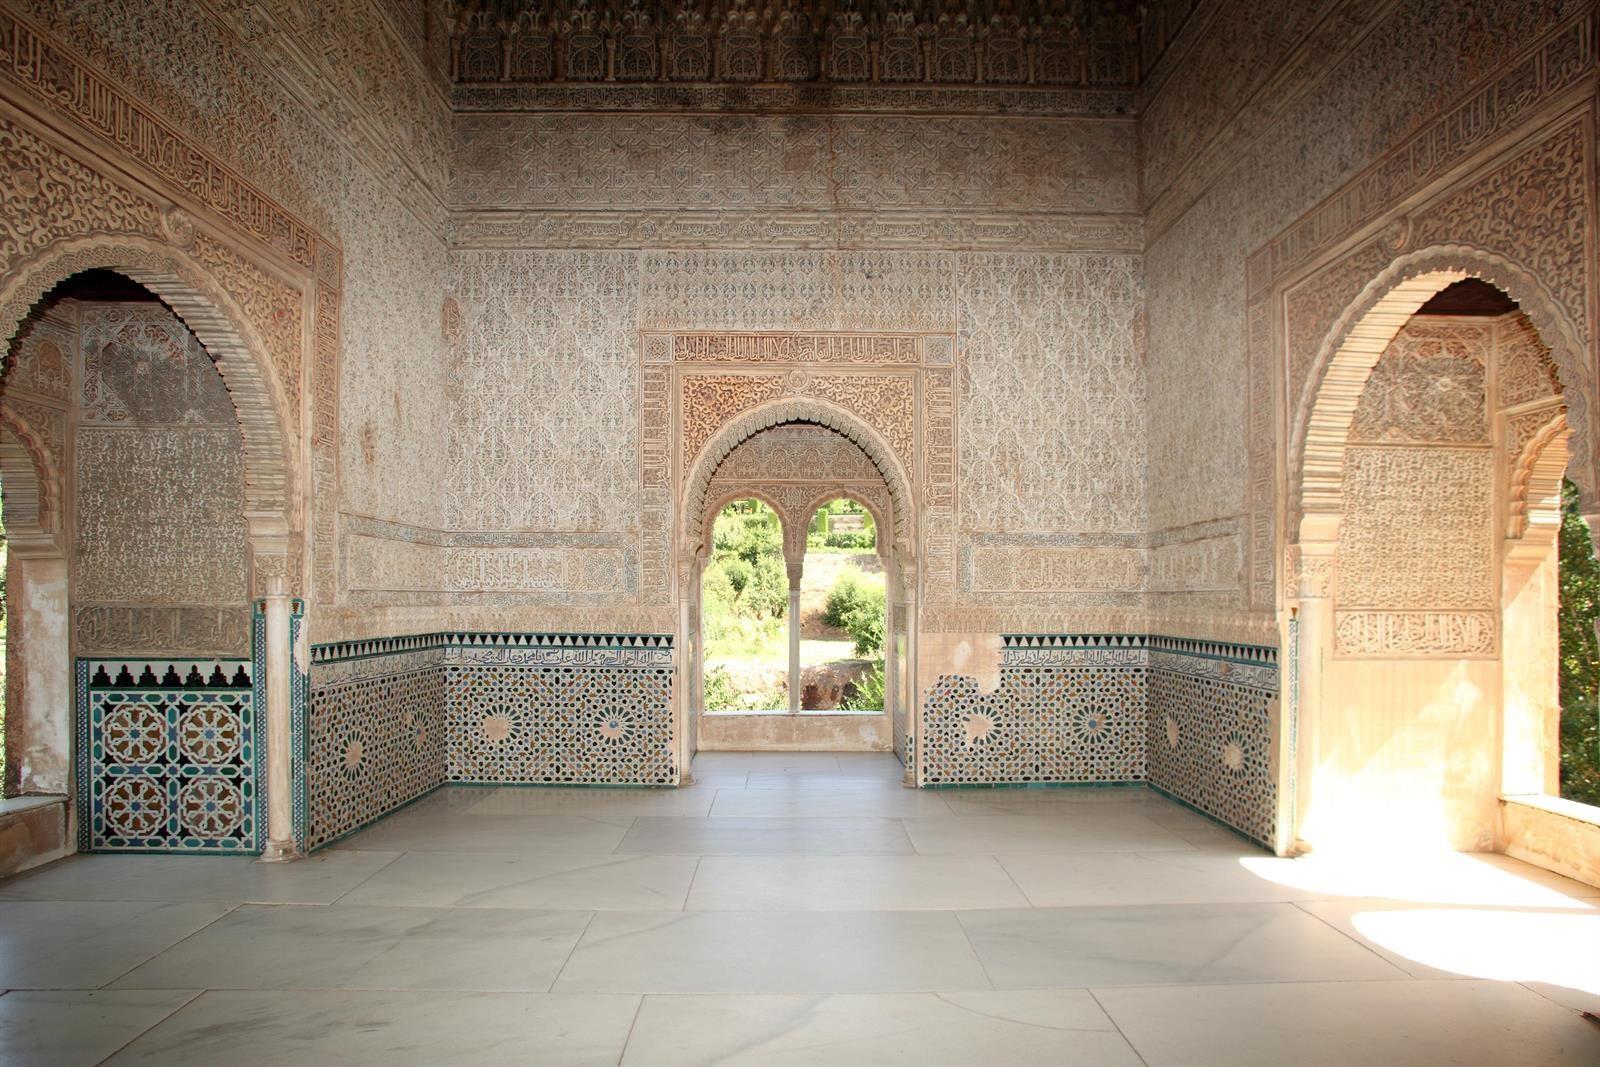 Un informe constata que «no ha habido un acceso a datos de carácter personal» en la web de la Alhambra